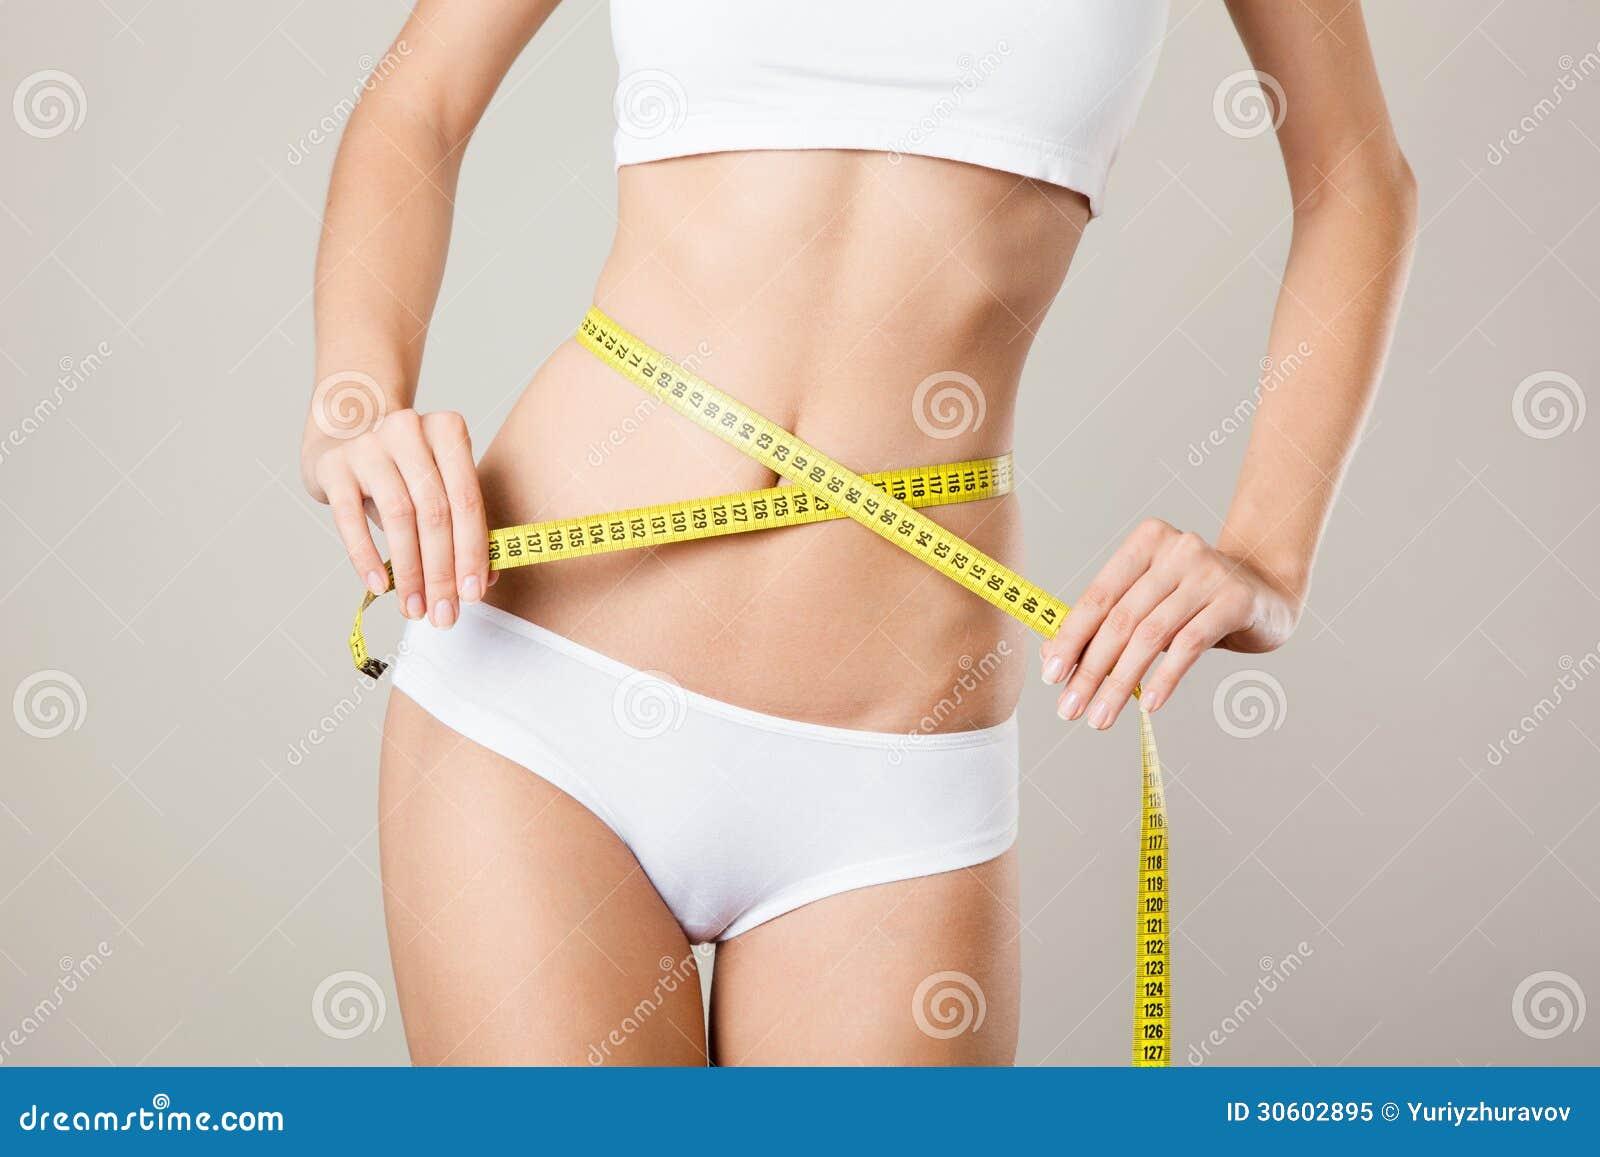 Femme mesurant sa taille corps mince parfait photo libre de droits image 30602895 - Taille des hortensias en mars ...